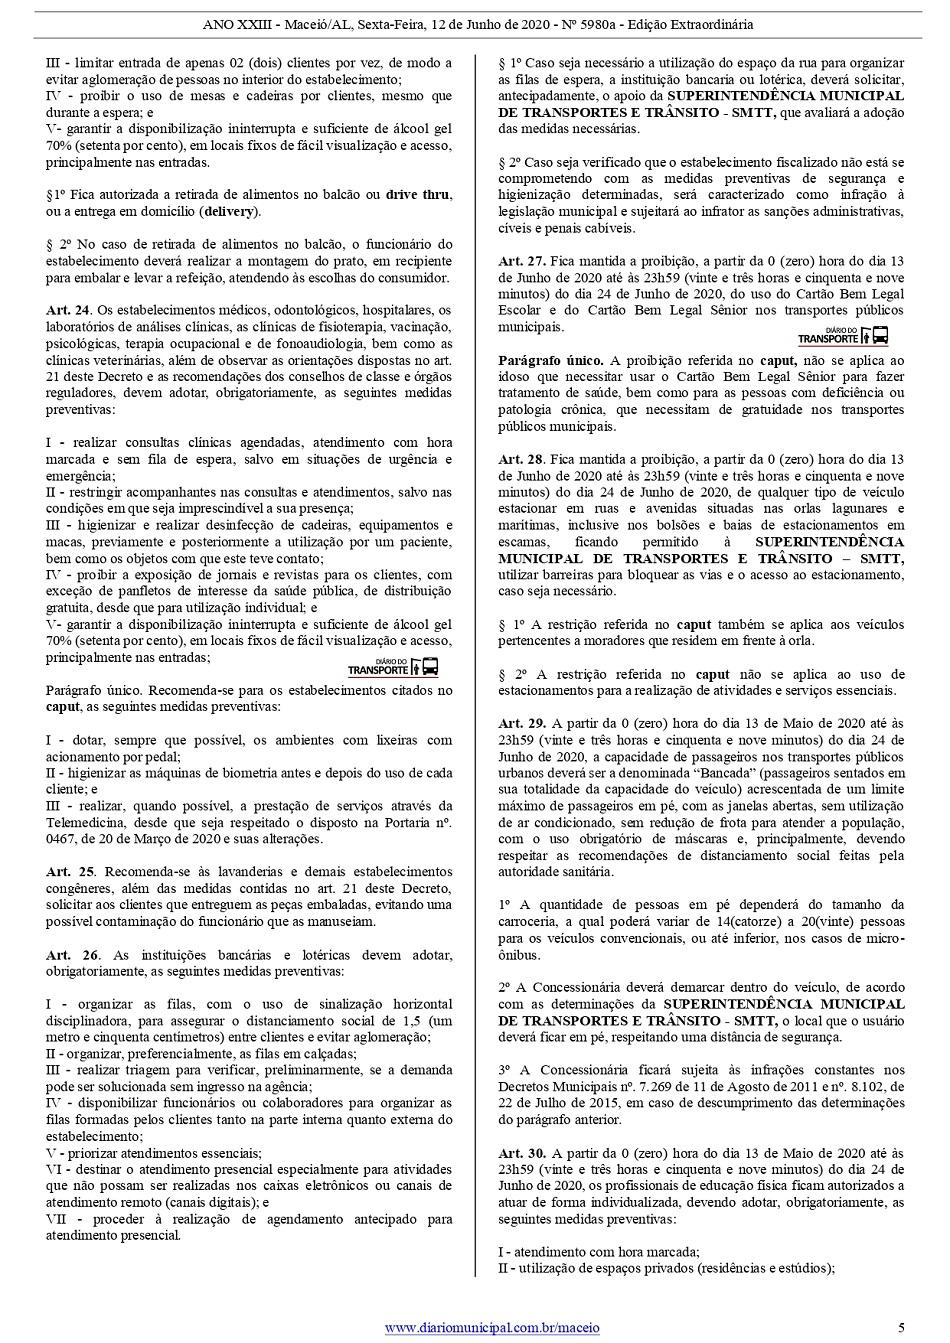 dec_8902_page-0005